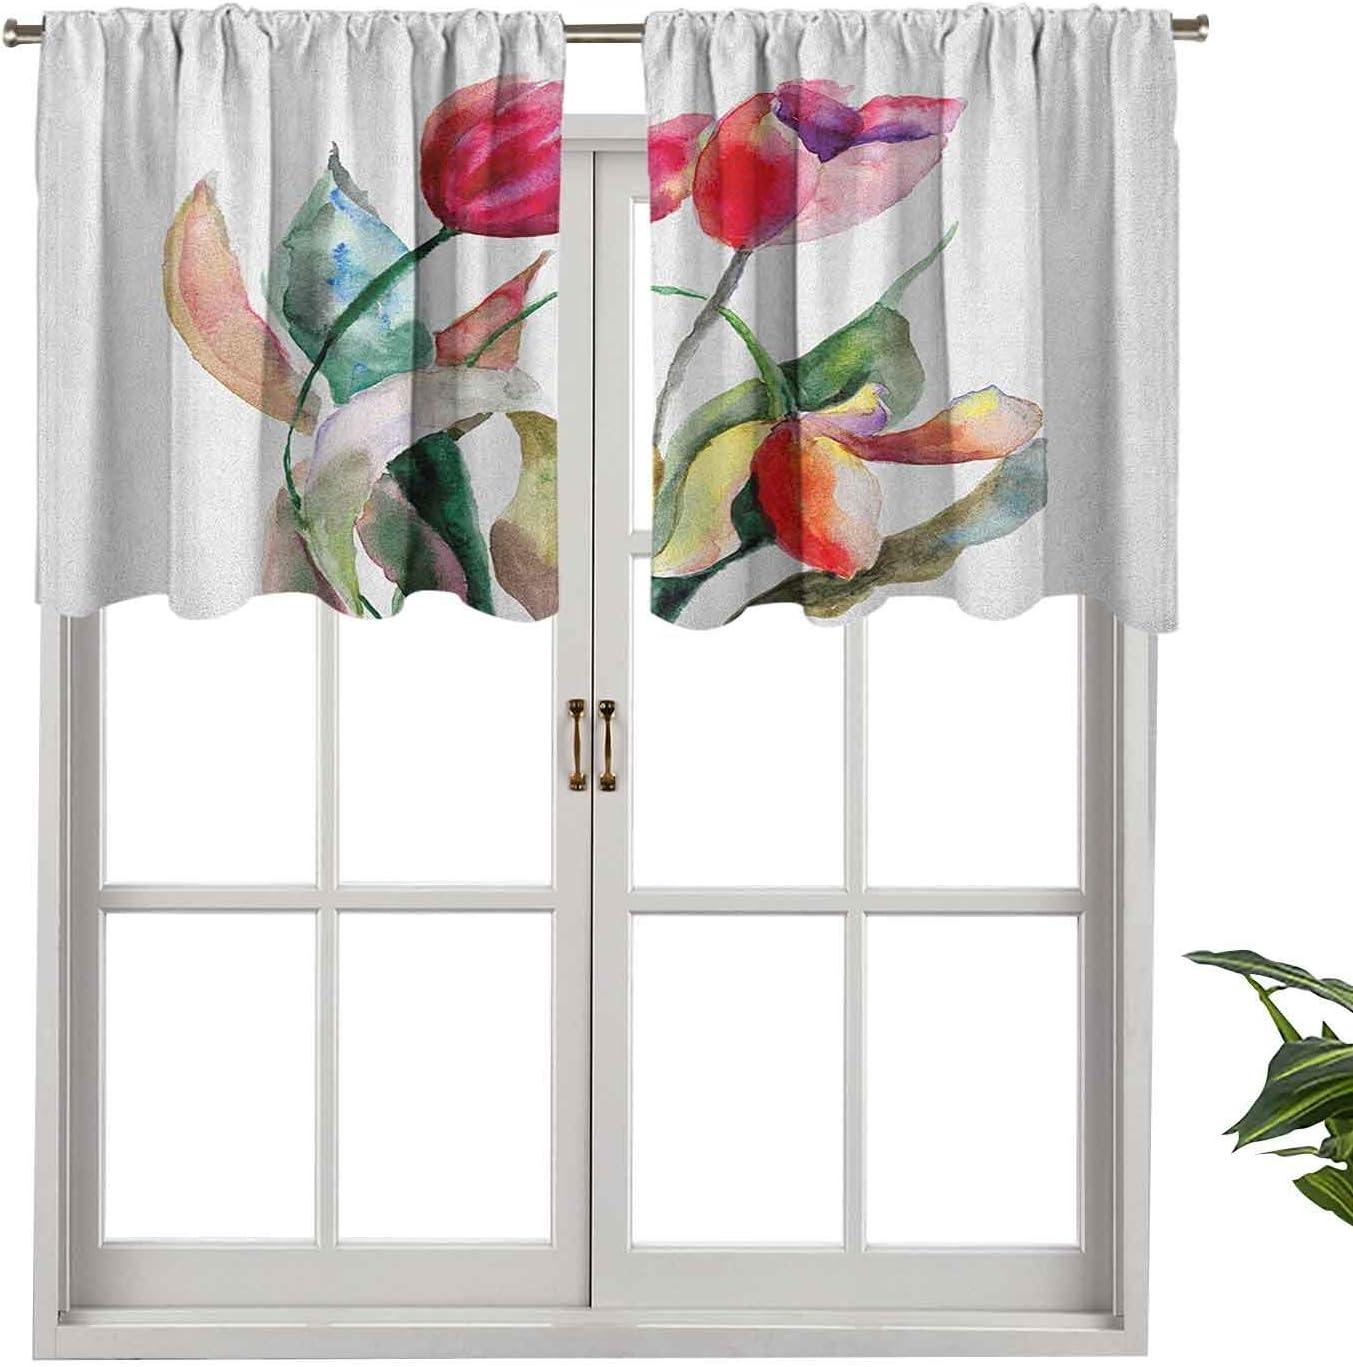 Hiiiman Cenefas de cortina con bolsillo para barra, cortinas de ventana de acuarela, flores de tulipán, ramo de belleza femenina, imagen de primavera, juego de 2, 137 x 91 cm para ventana de cocina